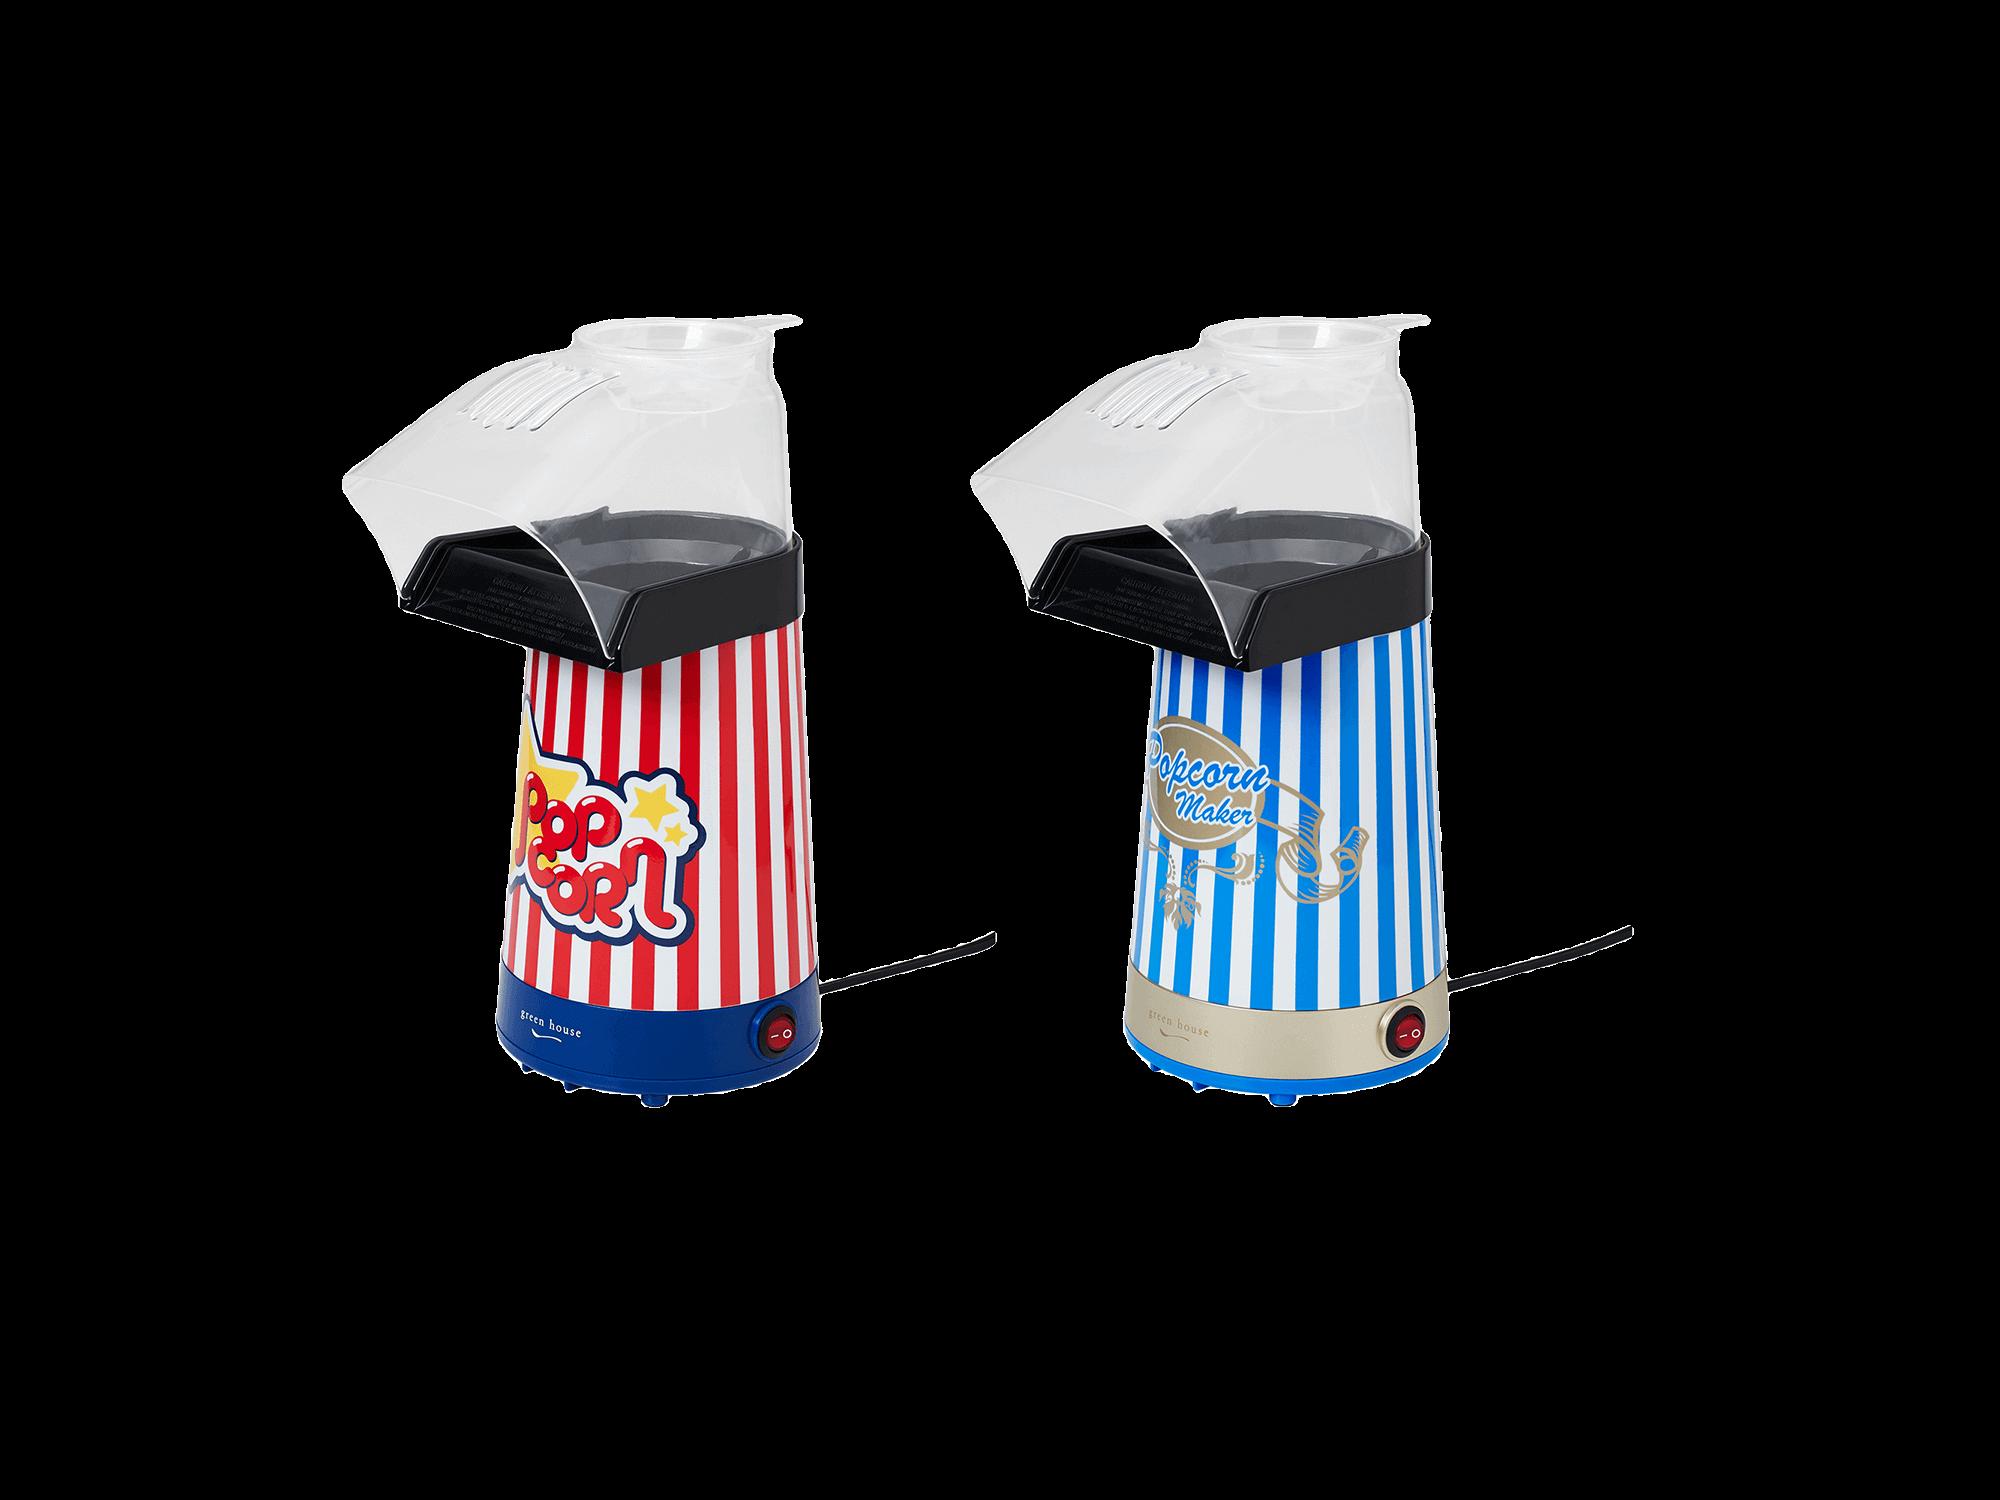 GH-POPAシリーズ